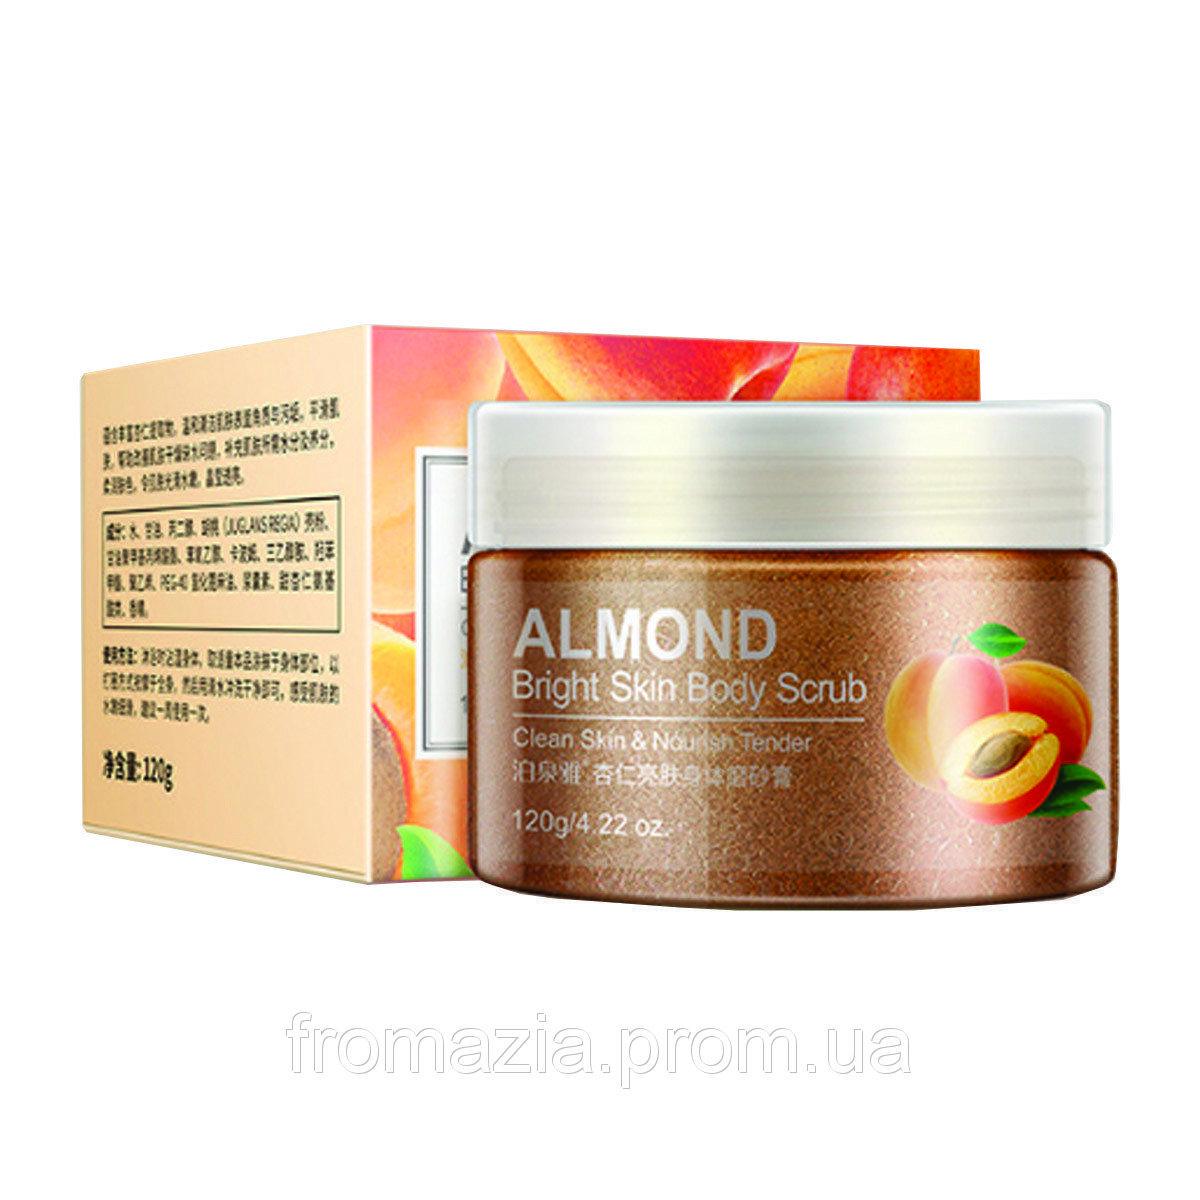 Осветляющий скраб для тела с маслом миндаля и экстрактом абрикоса BIOAQUA Body Scrub Almond